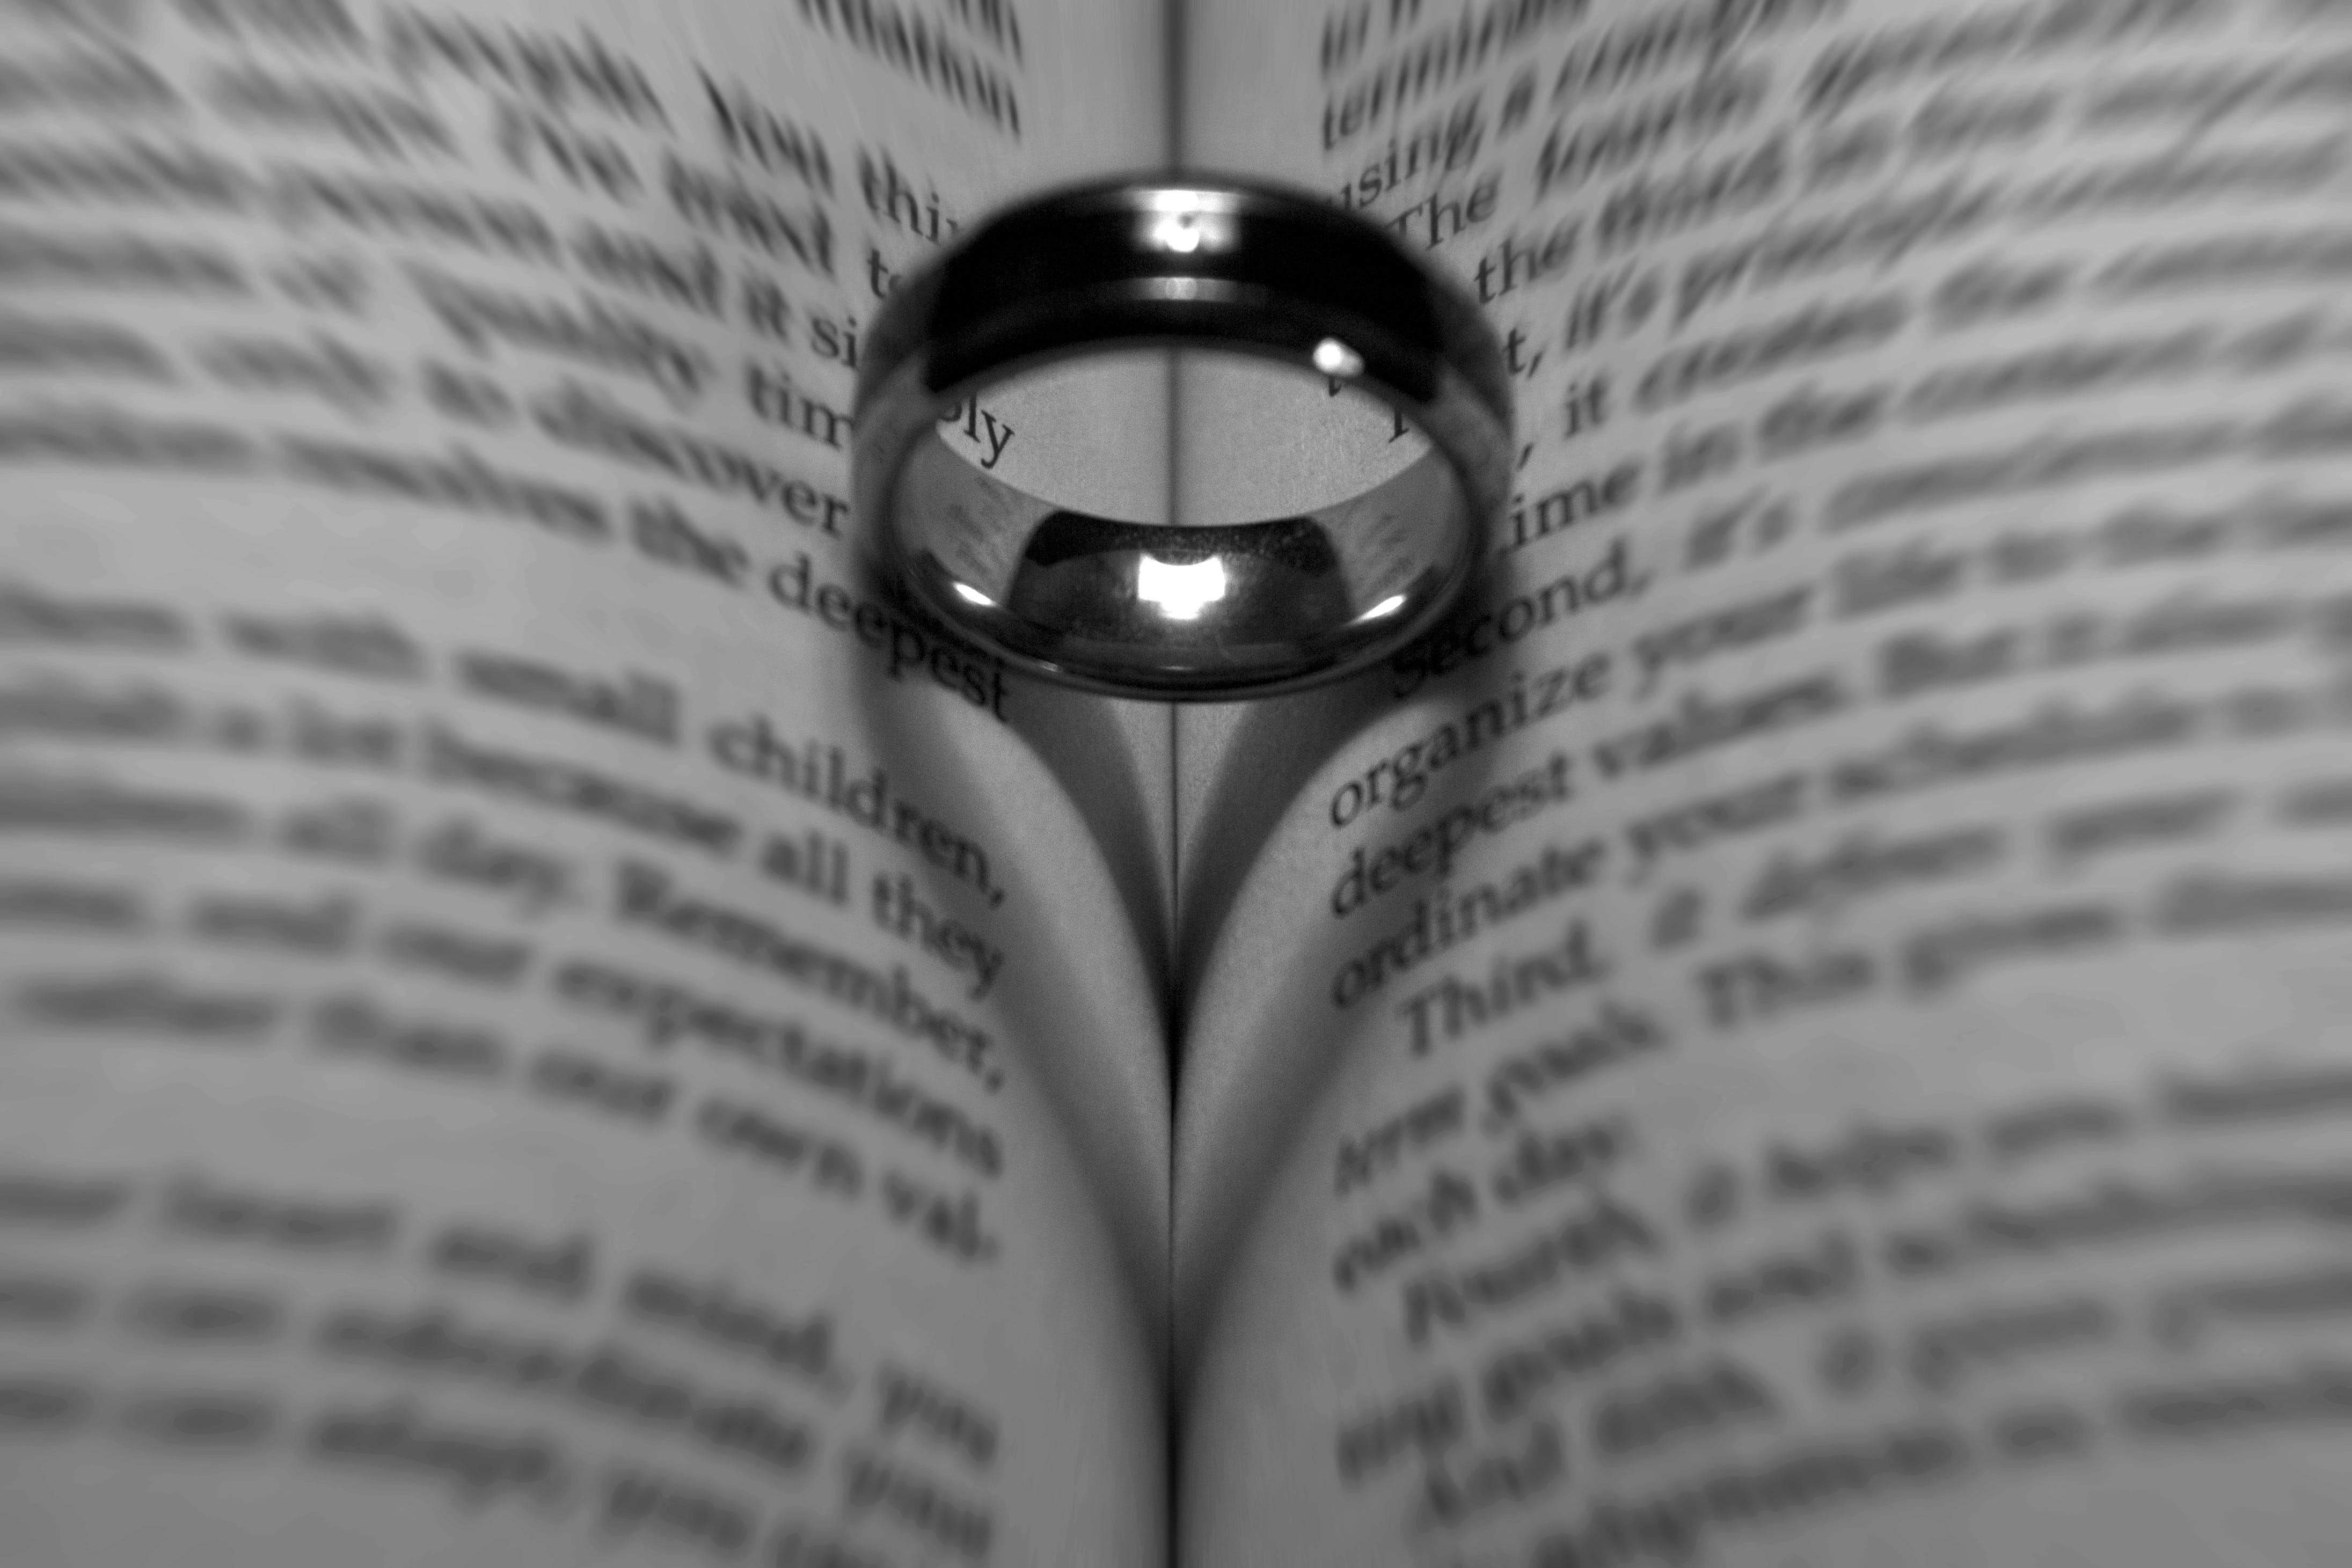 Gratis lagerfoto af Kærlighed, ring, skygge, sort og hvid